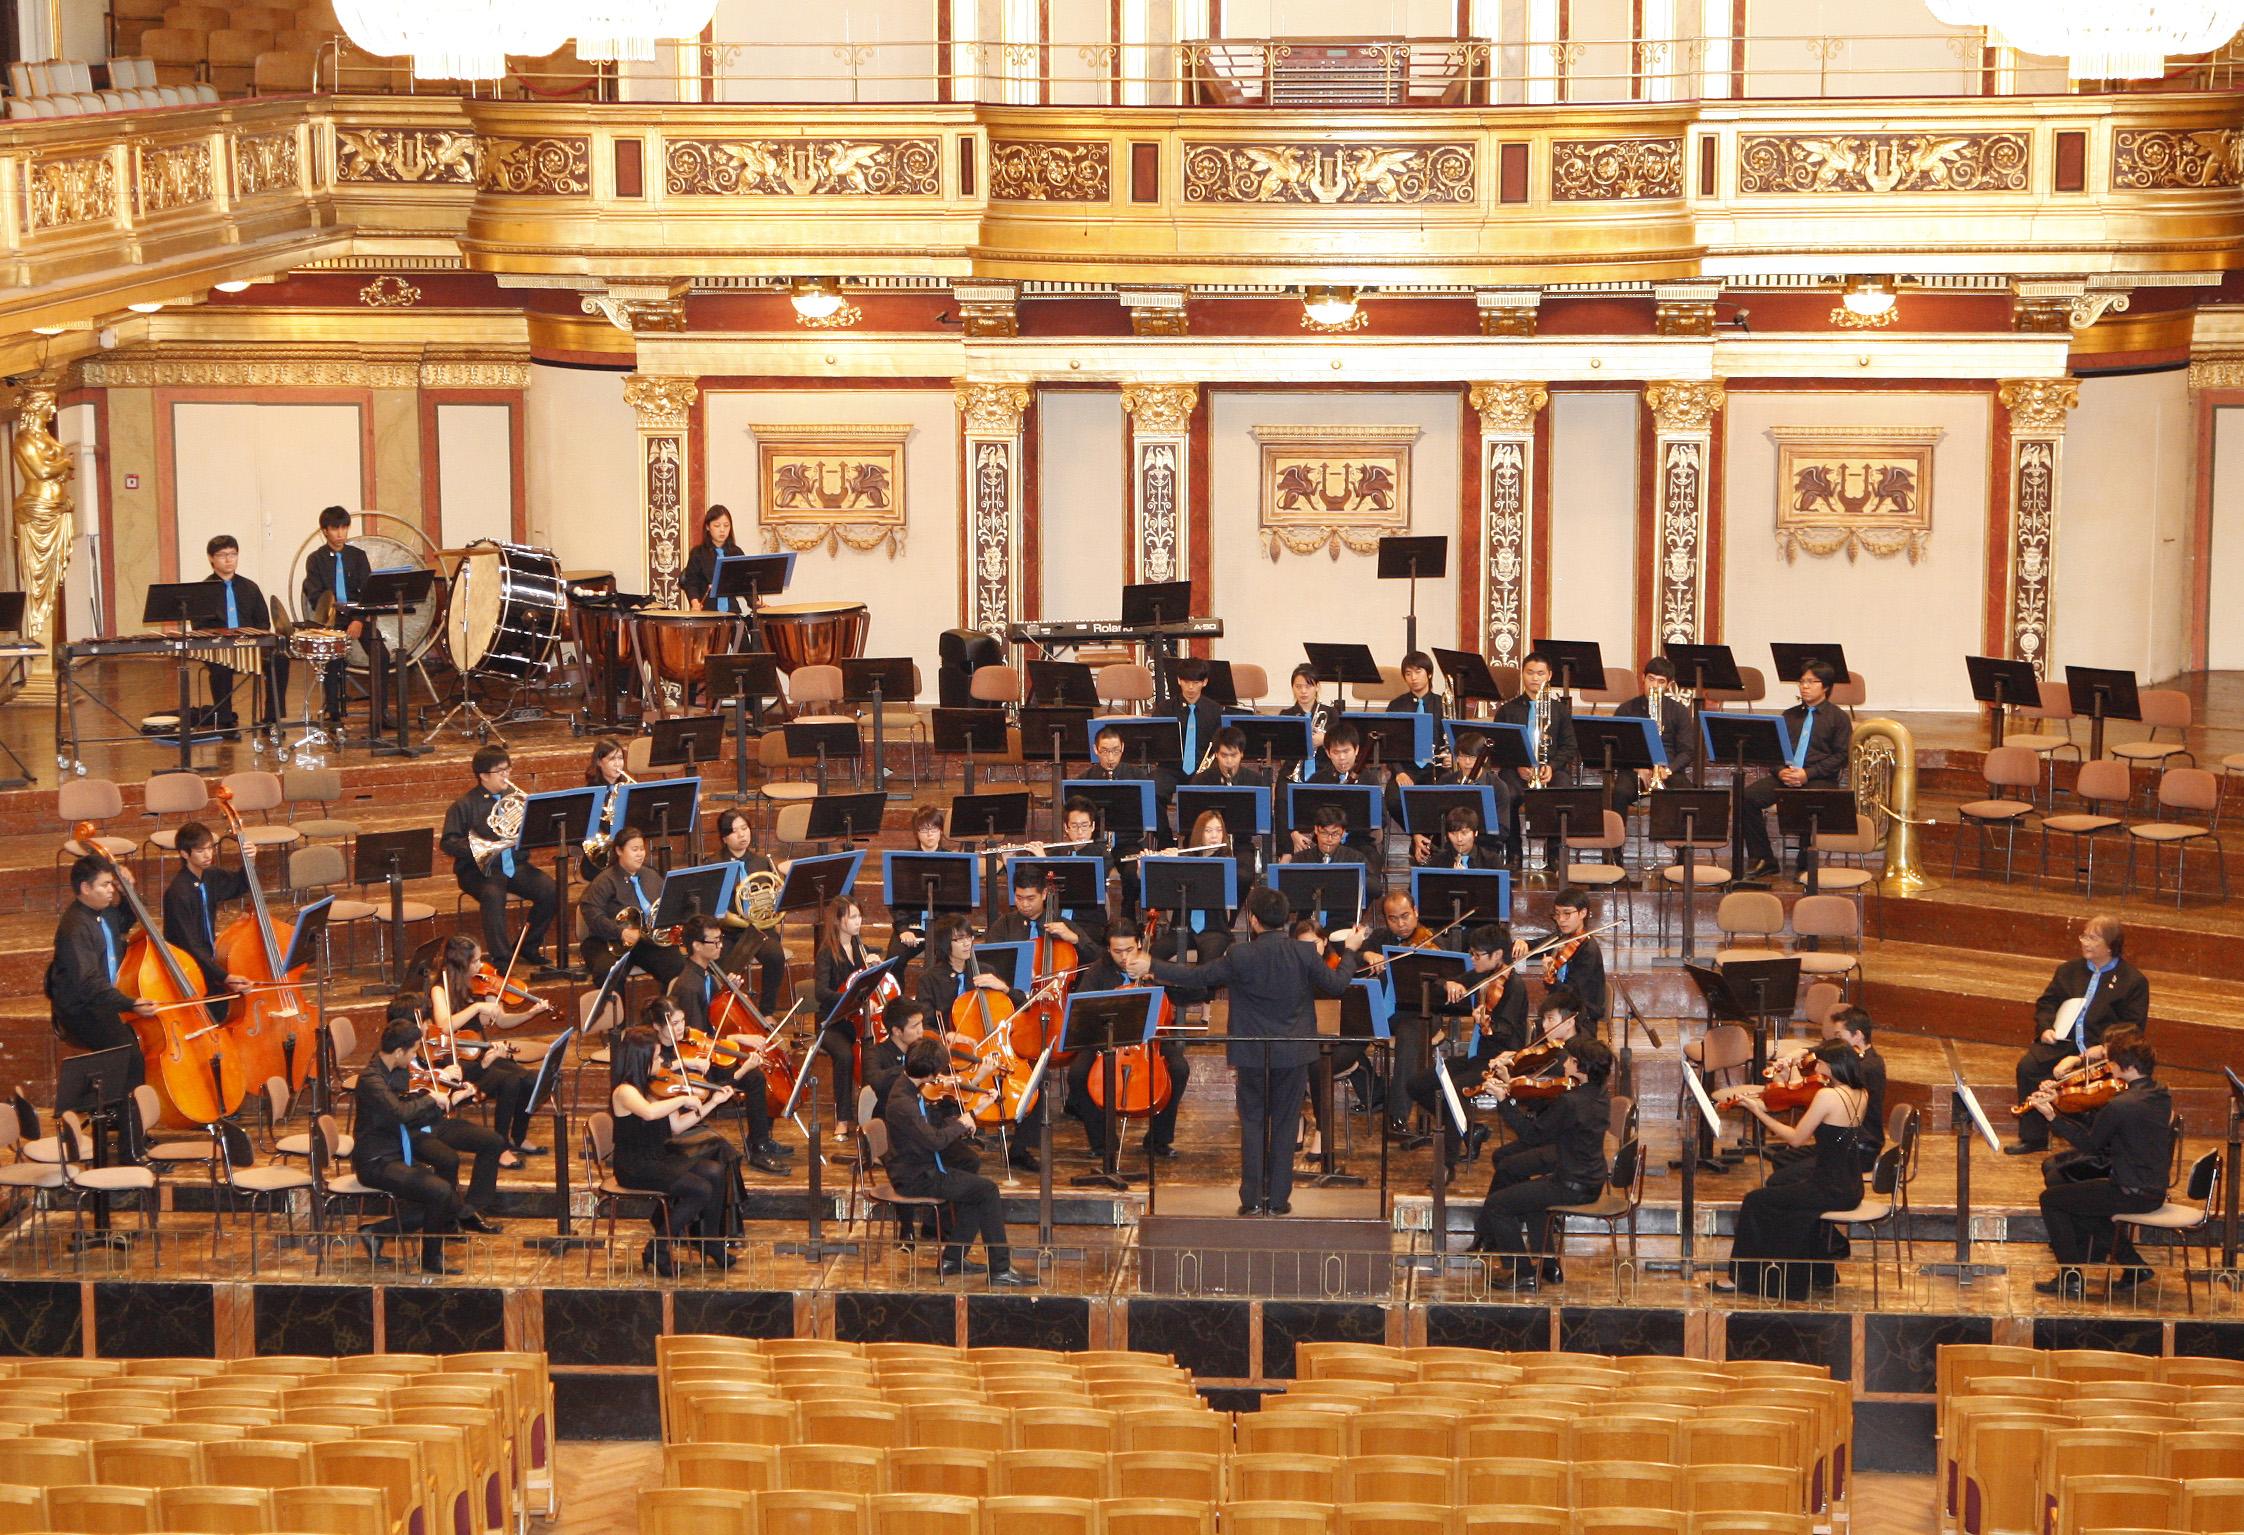 Siam Sinfonietta at the Golden Hall of the Musikverein, Vienna